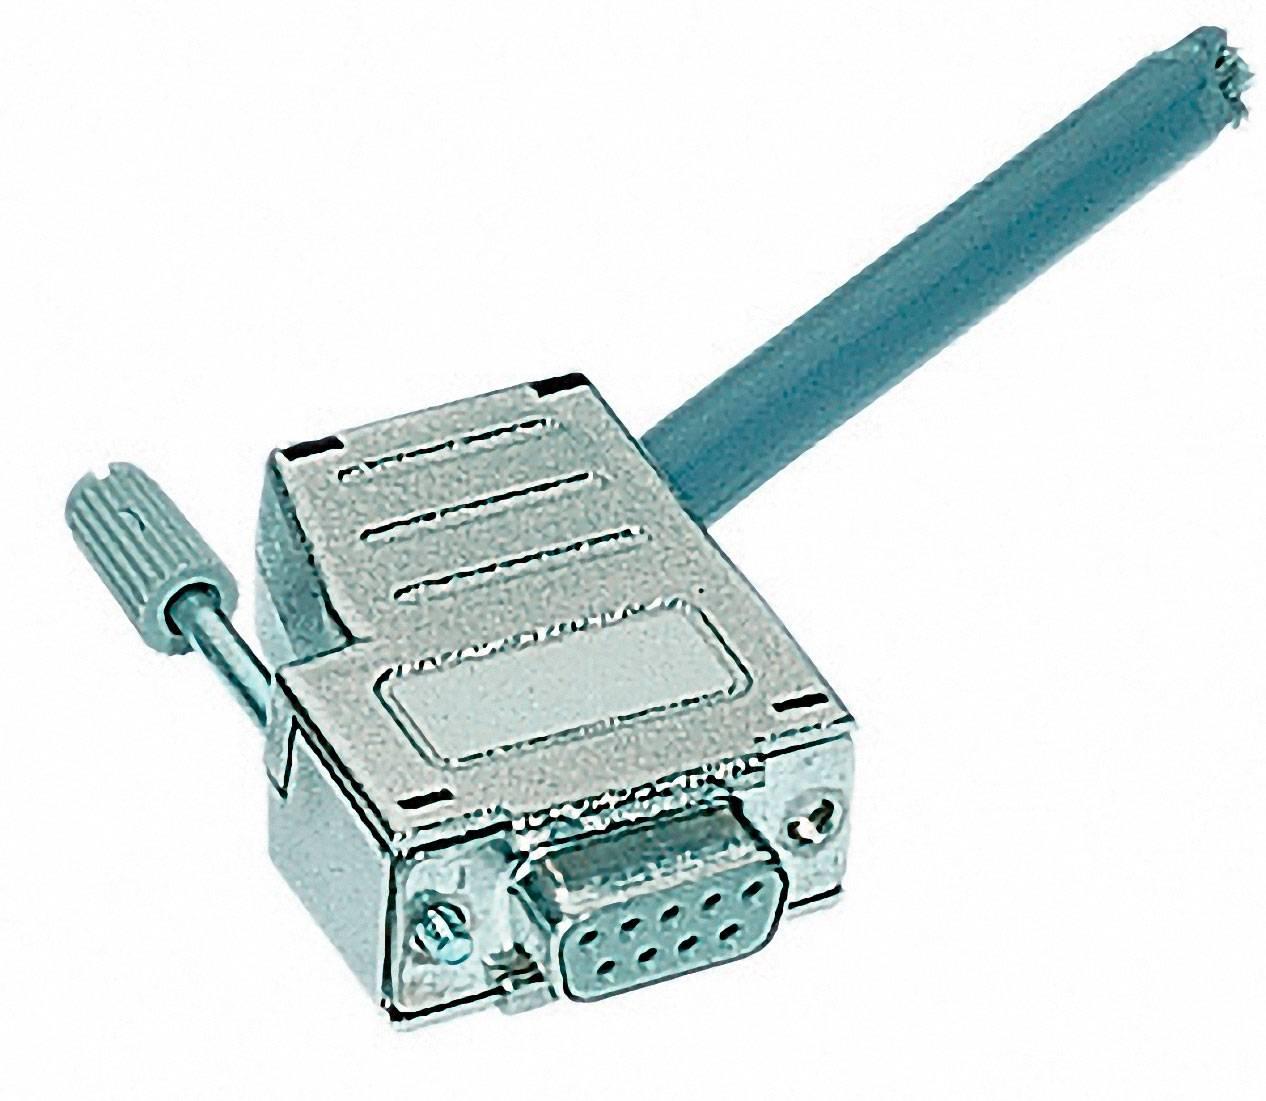 D-SUB pouzdro Harting 09 67 025 0435, Pólů: 25, plast, pokovený, 180 °, 45 °, stříbrná, 1 ks